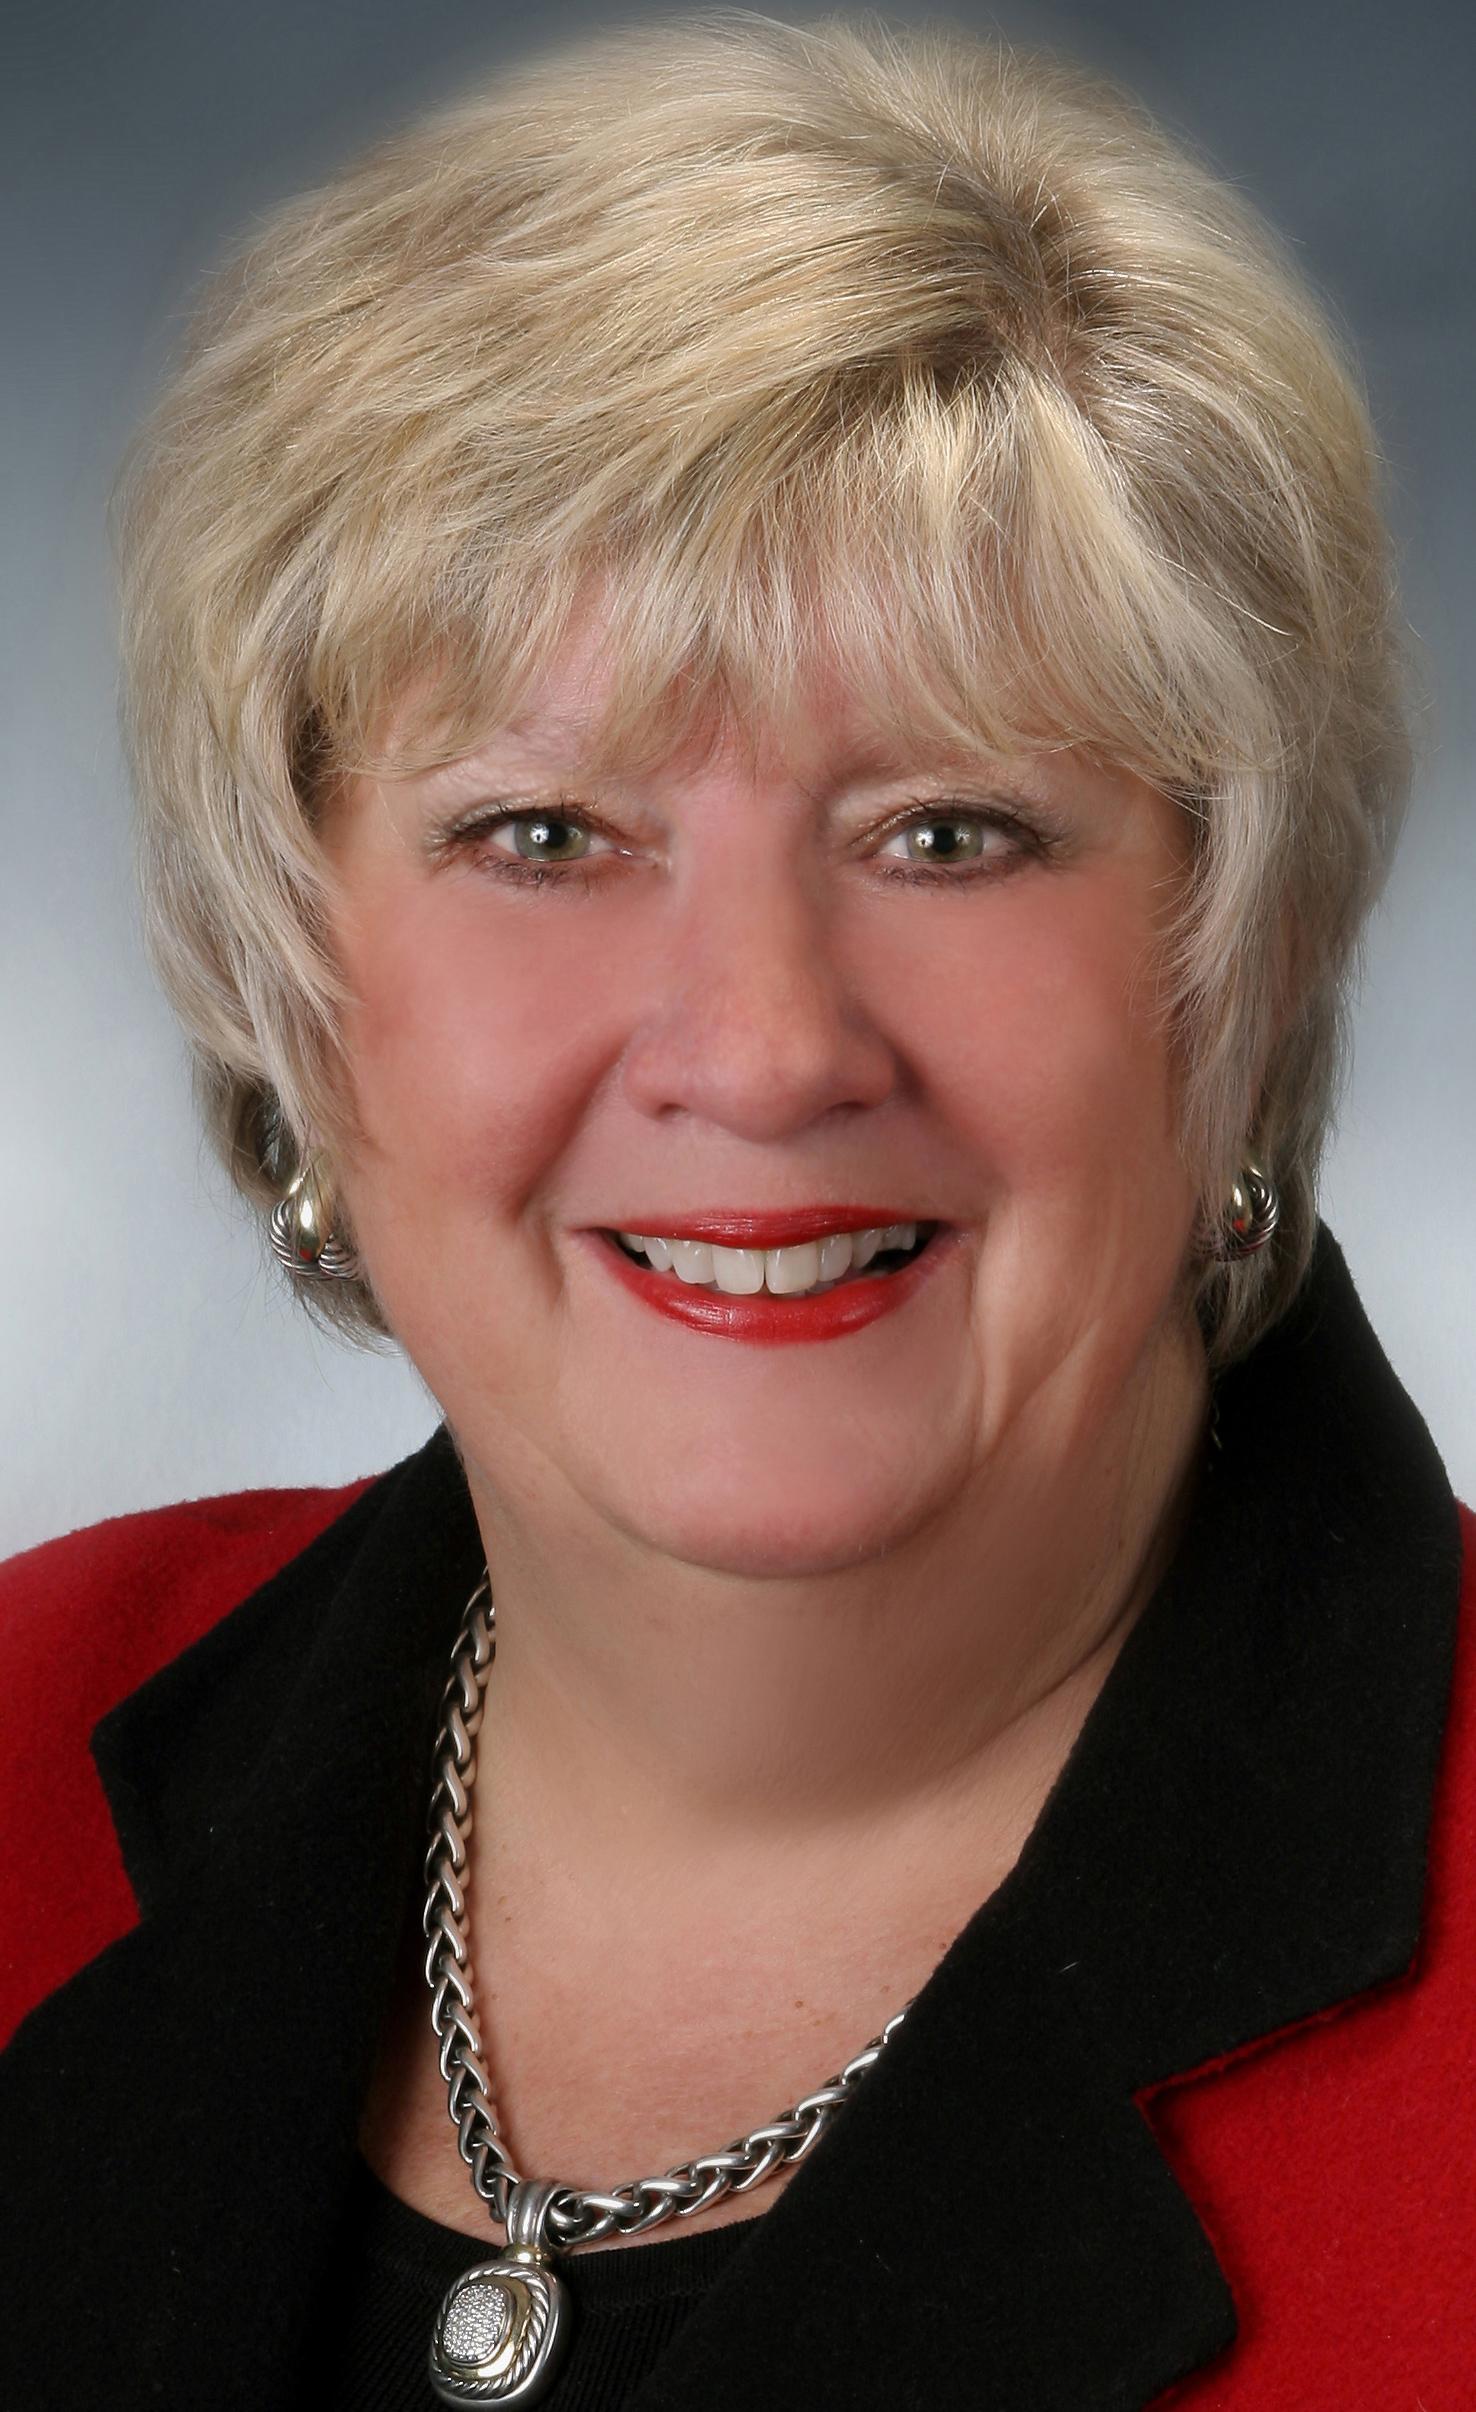 Janet Mclean